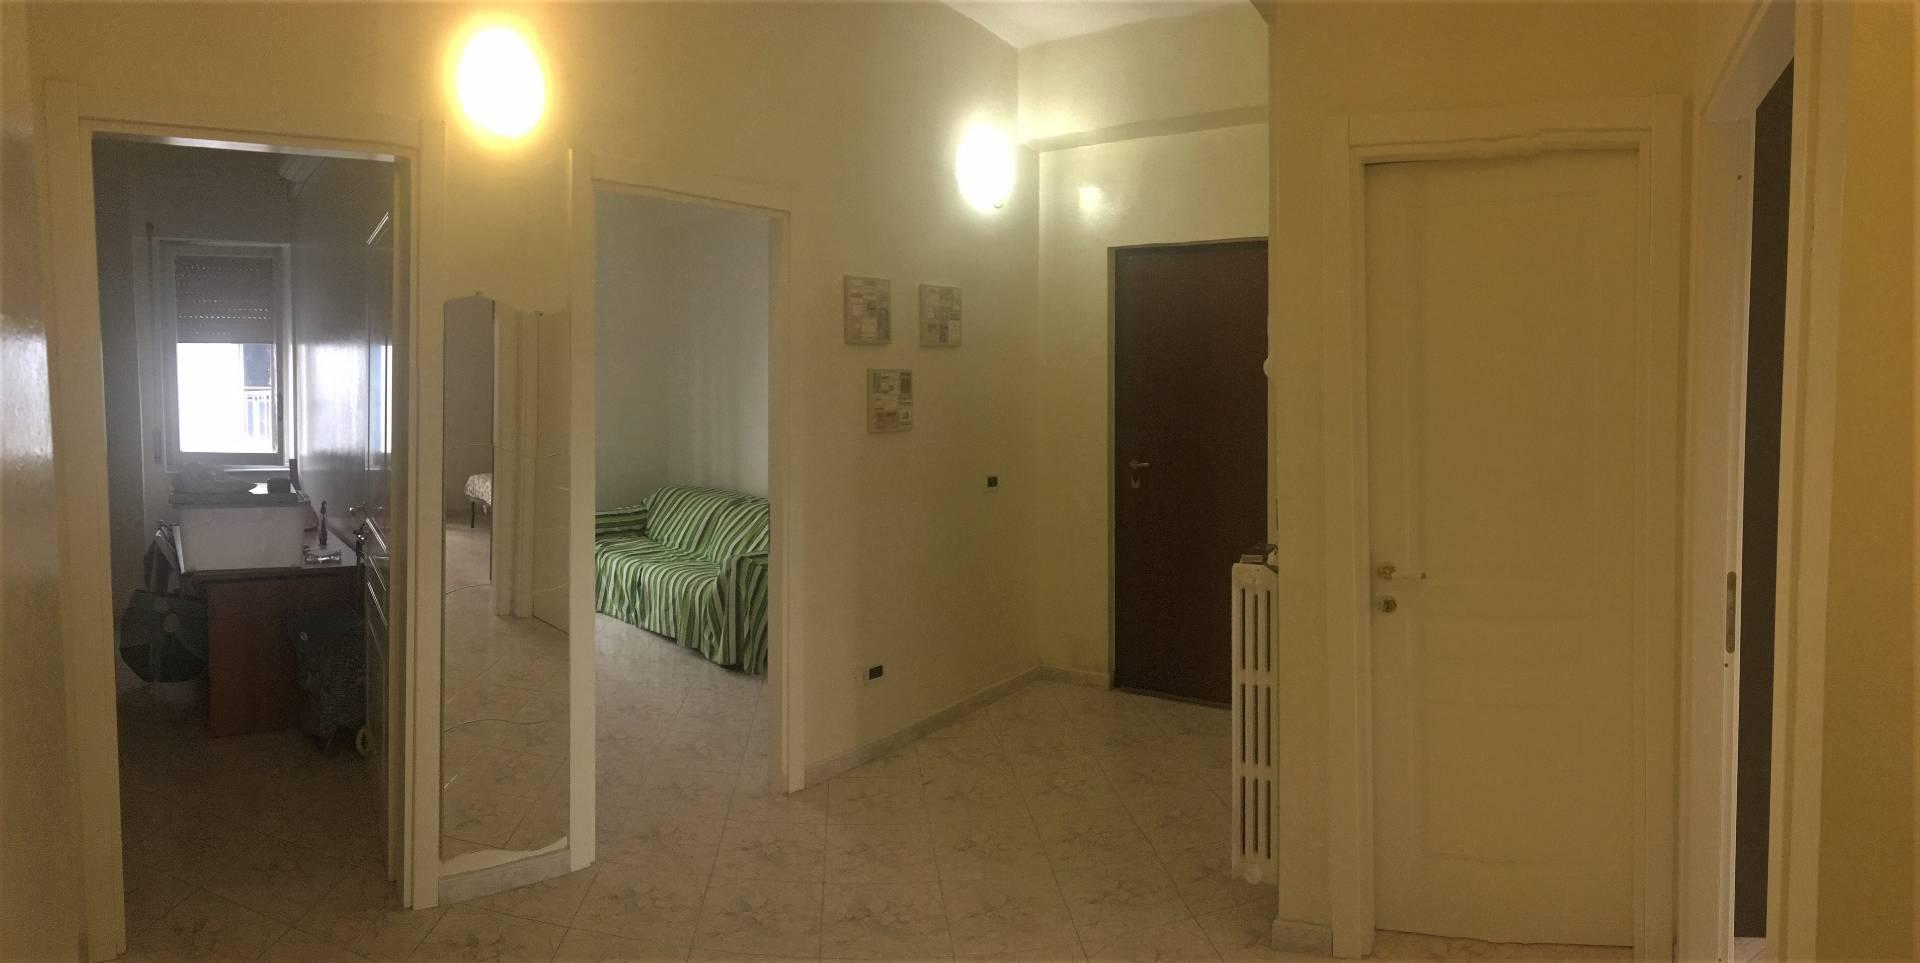 Appartamento in vendita a Soverato, 5 locali, zona Località: Soverato, prezzo € 185.000 | CambioCasa.it